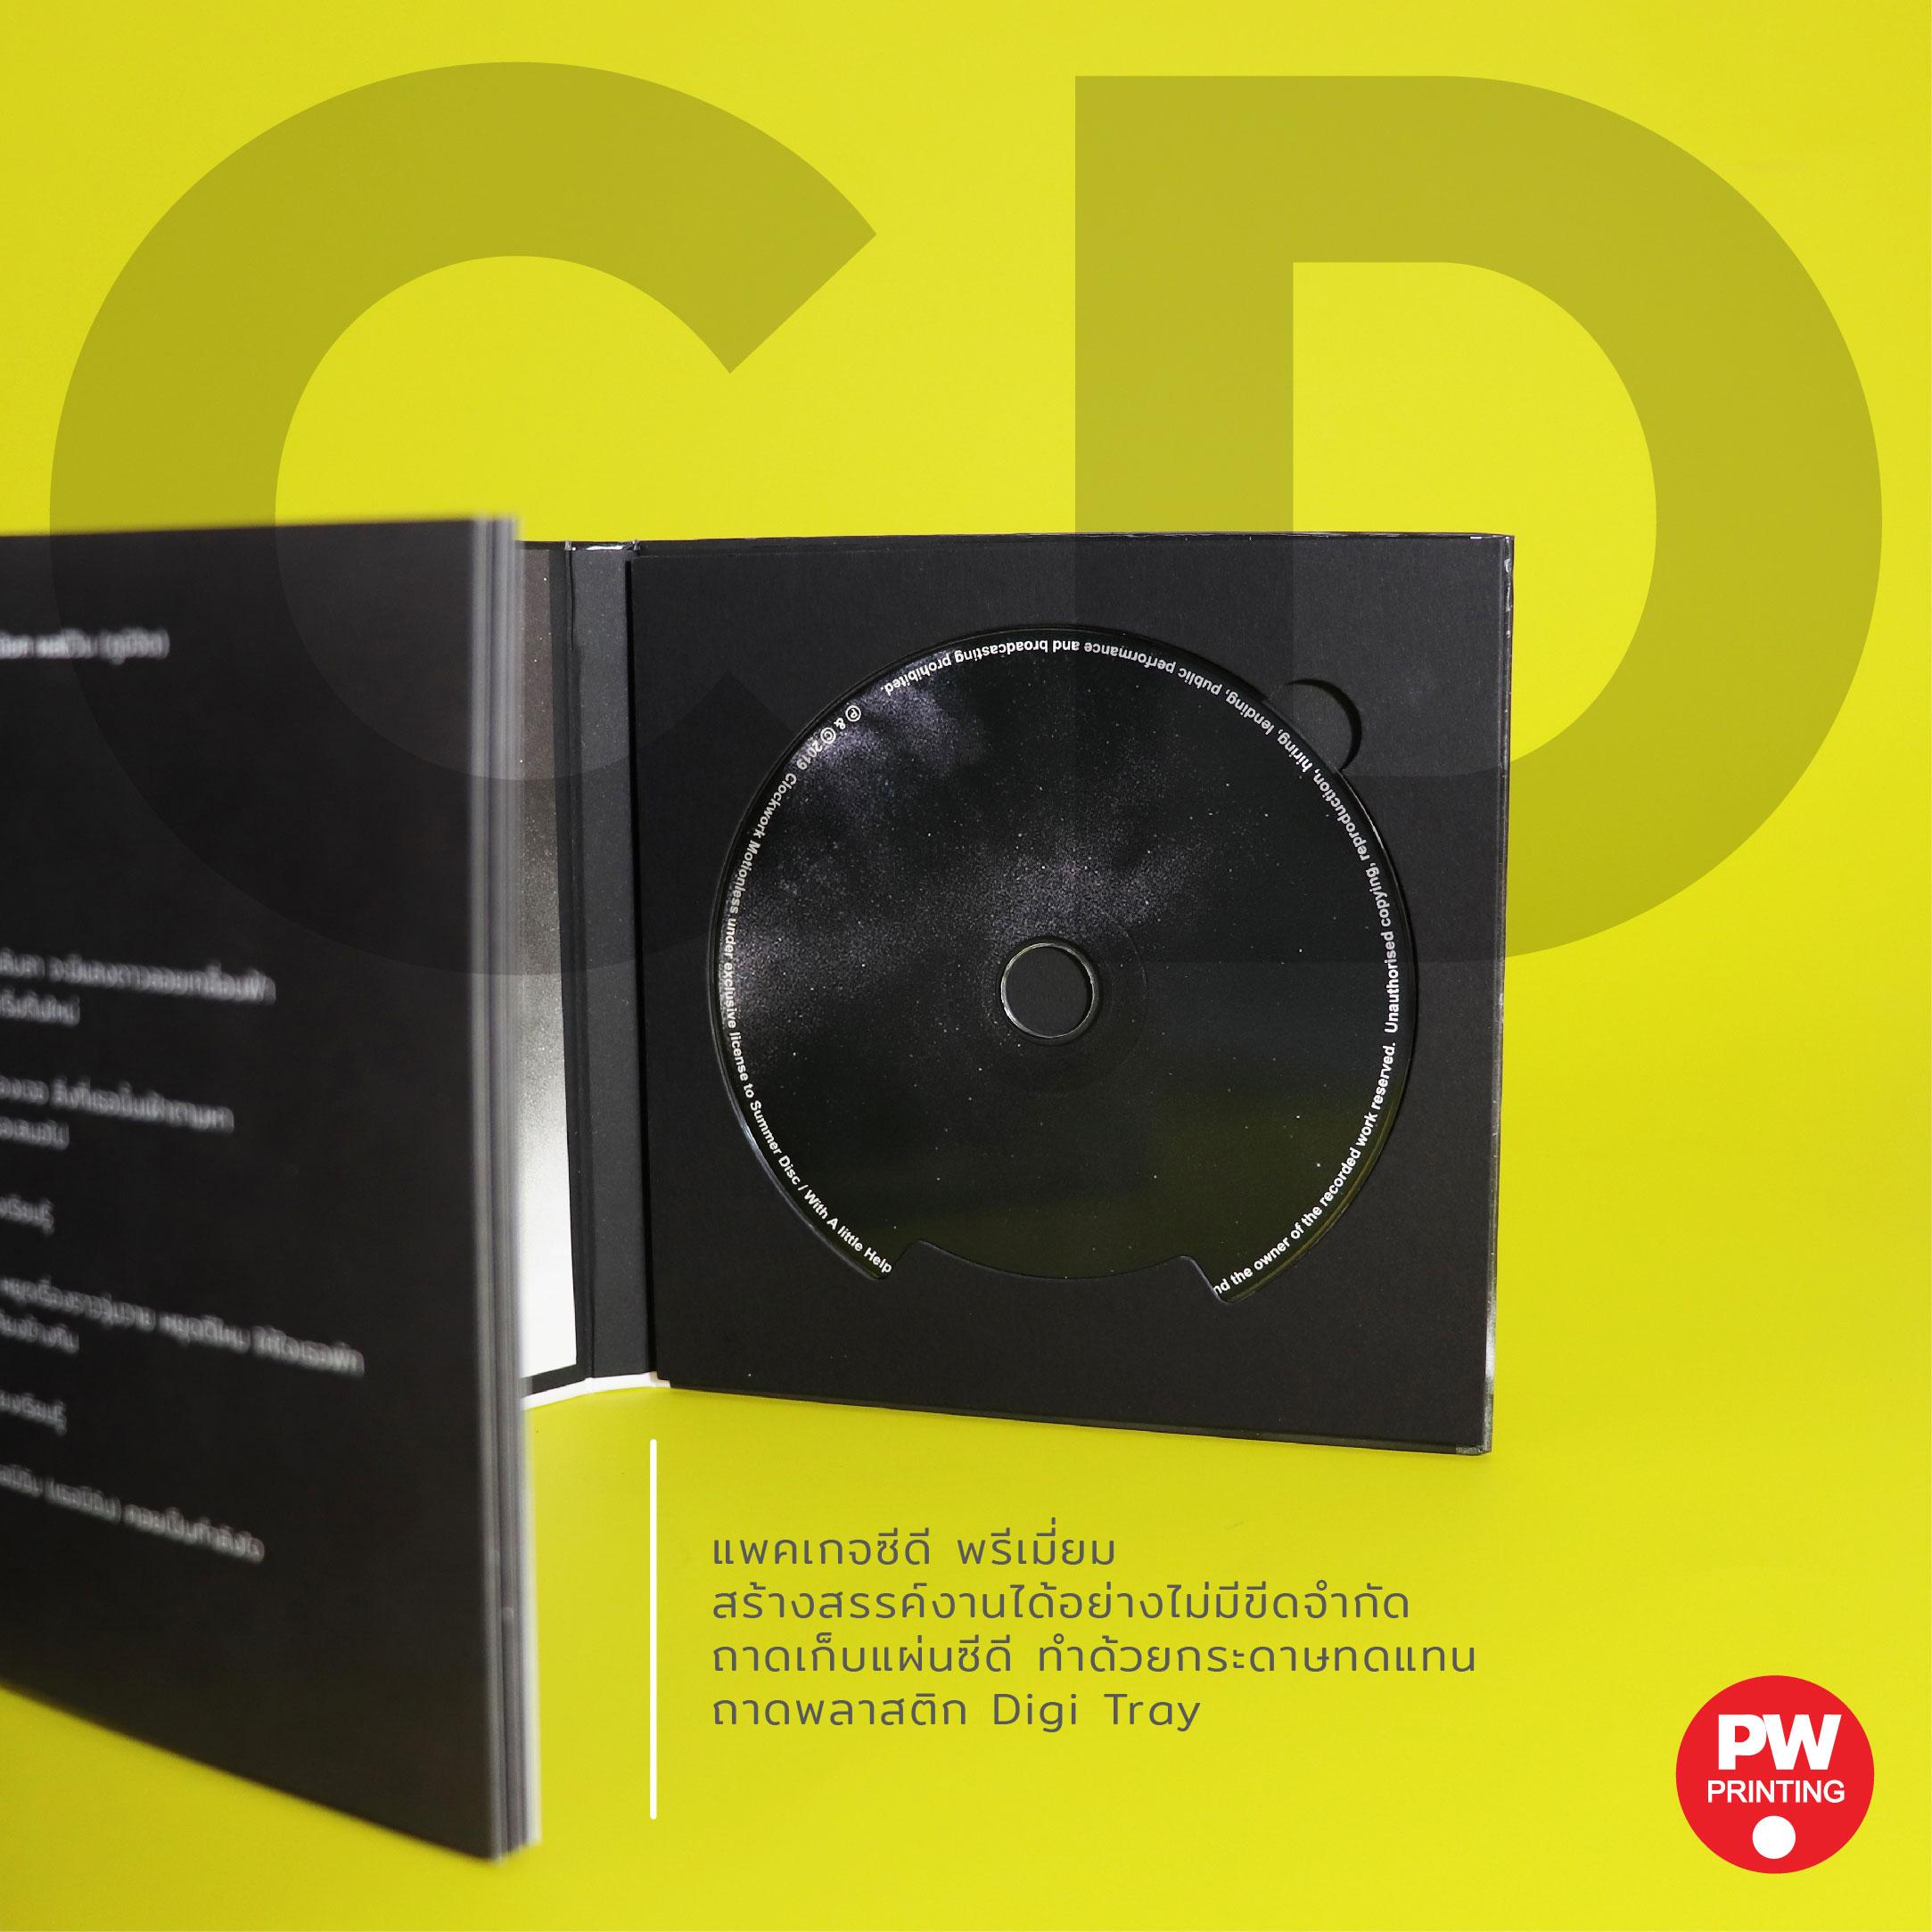 แพคเกจ CD พรีเมี่ยม